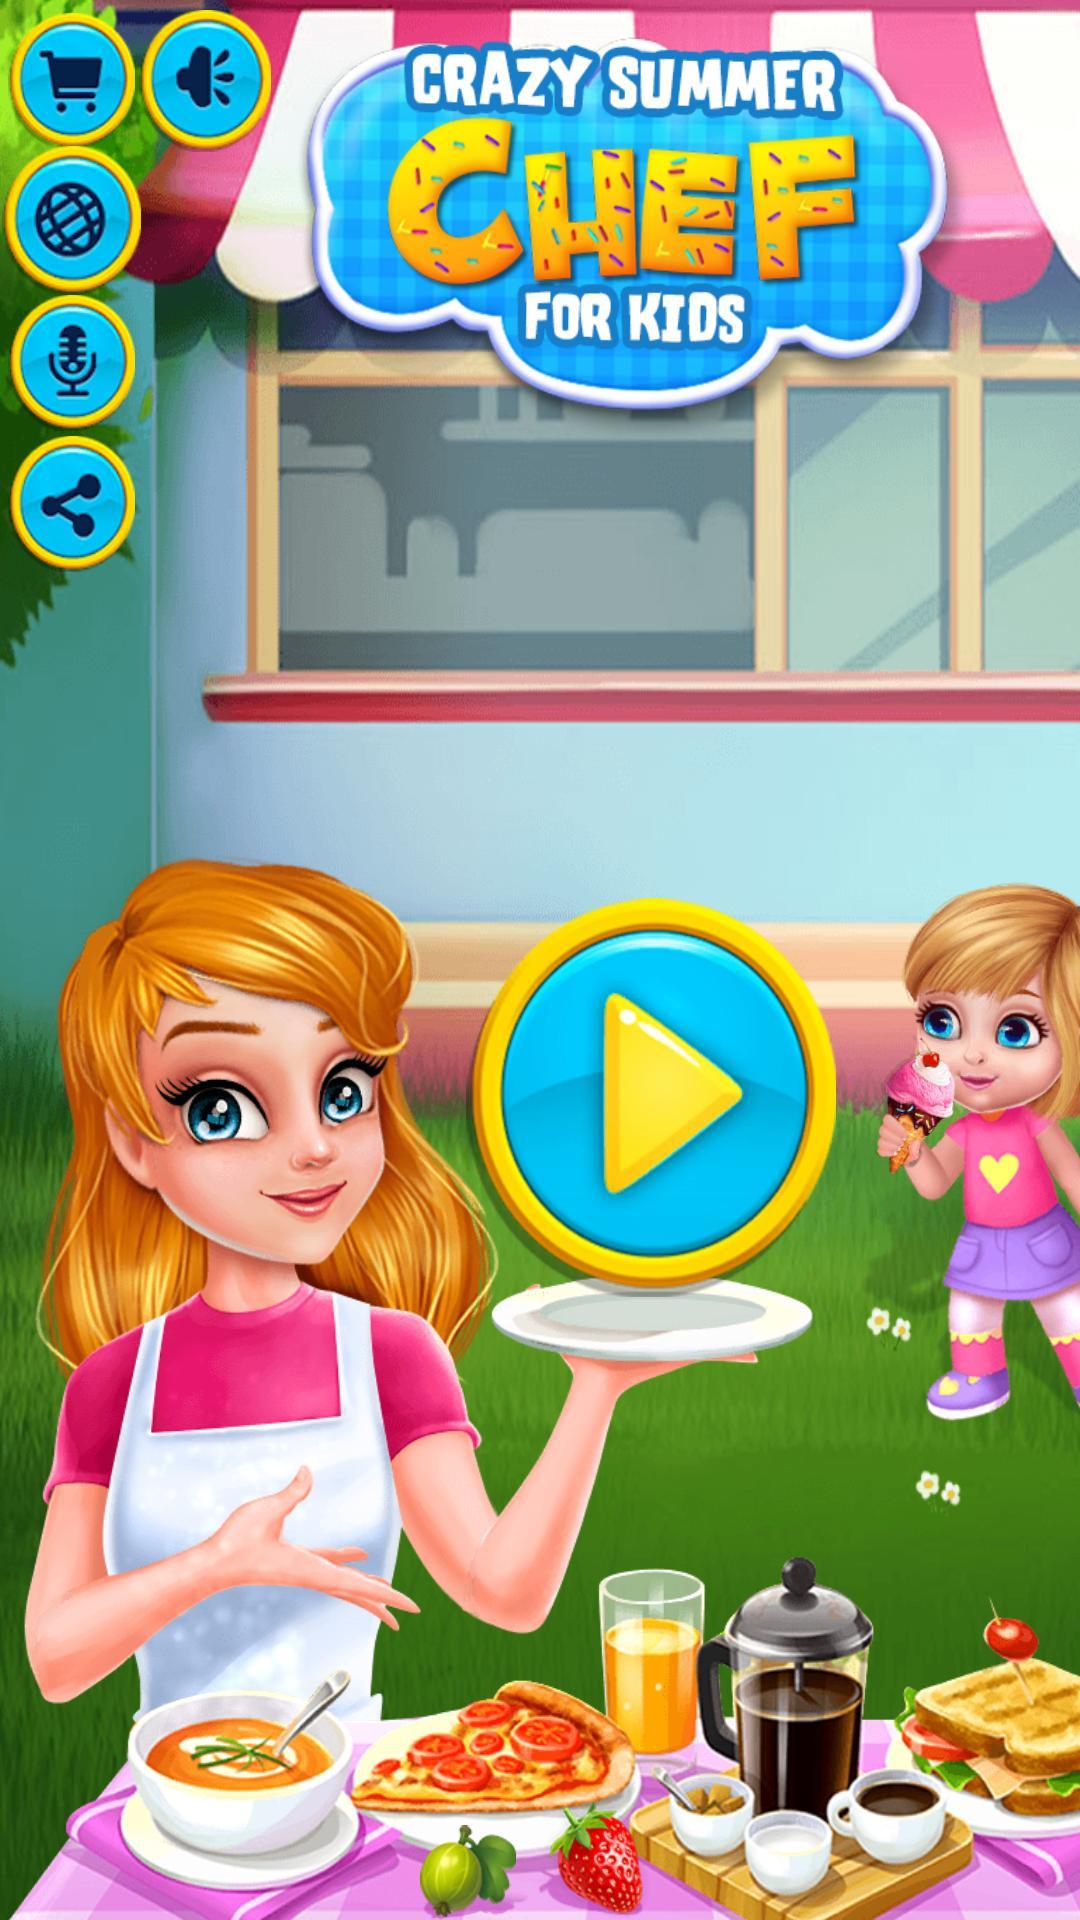 العاب بنا العاب لوين اطفال For Android Apk Download F98a2822c